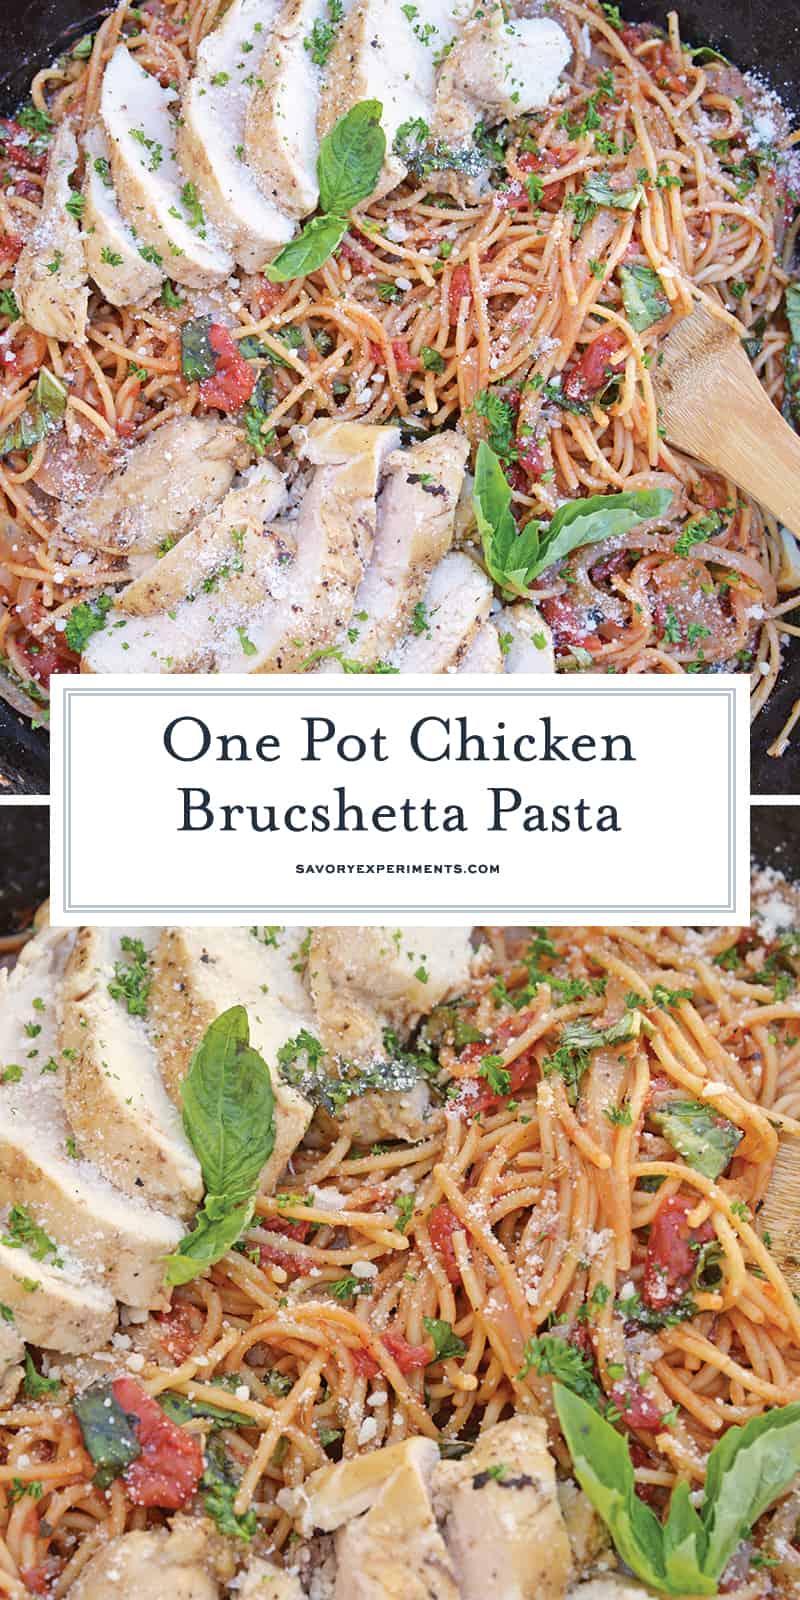 Chicken Bruschetta Pasta for Pinterest